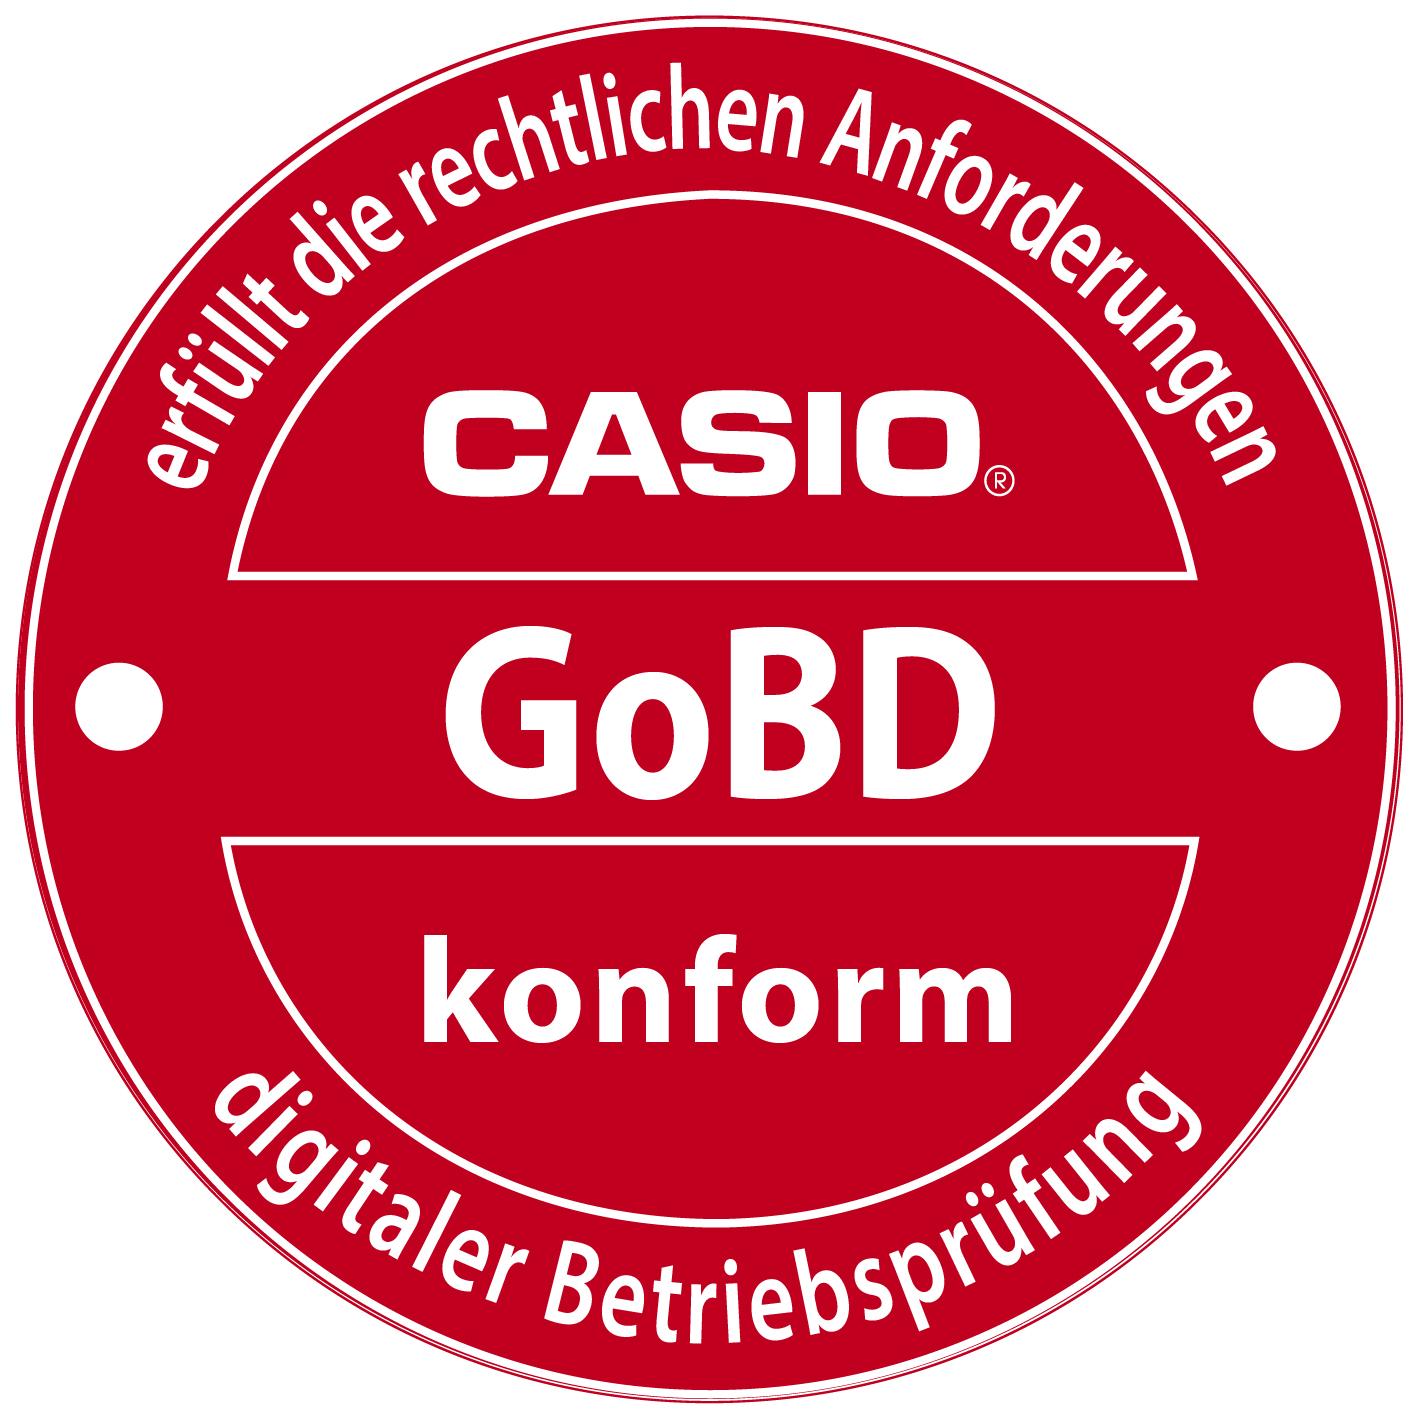 GOBdU